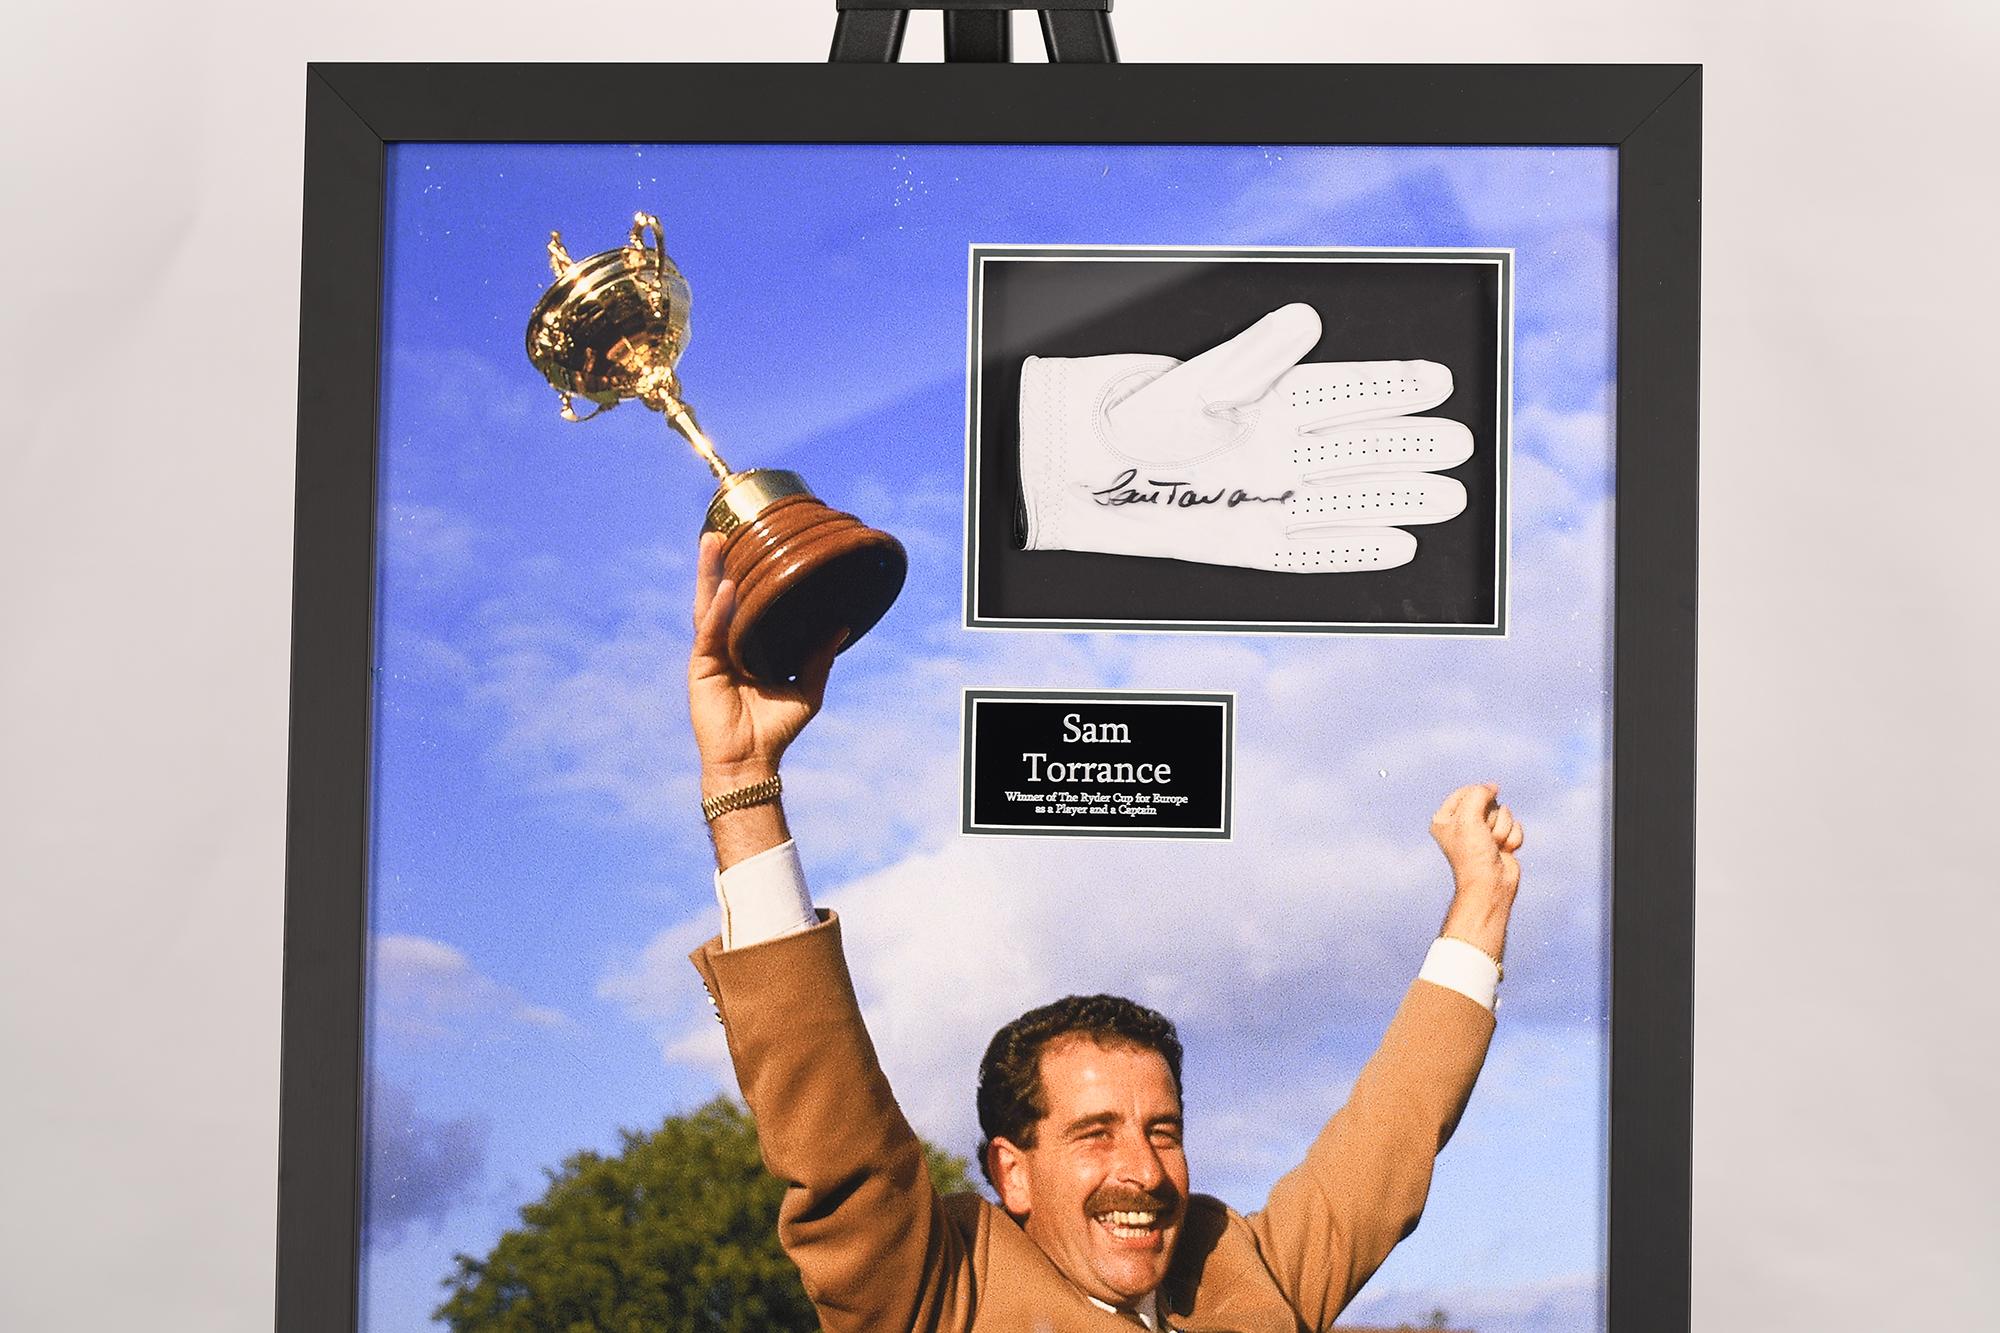 Sam Torrance Signed Glove - Image 3 of 4